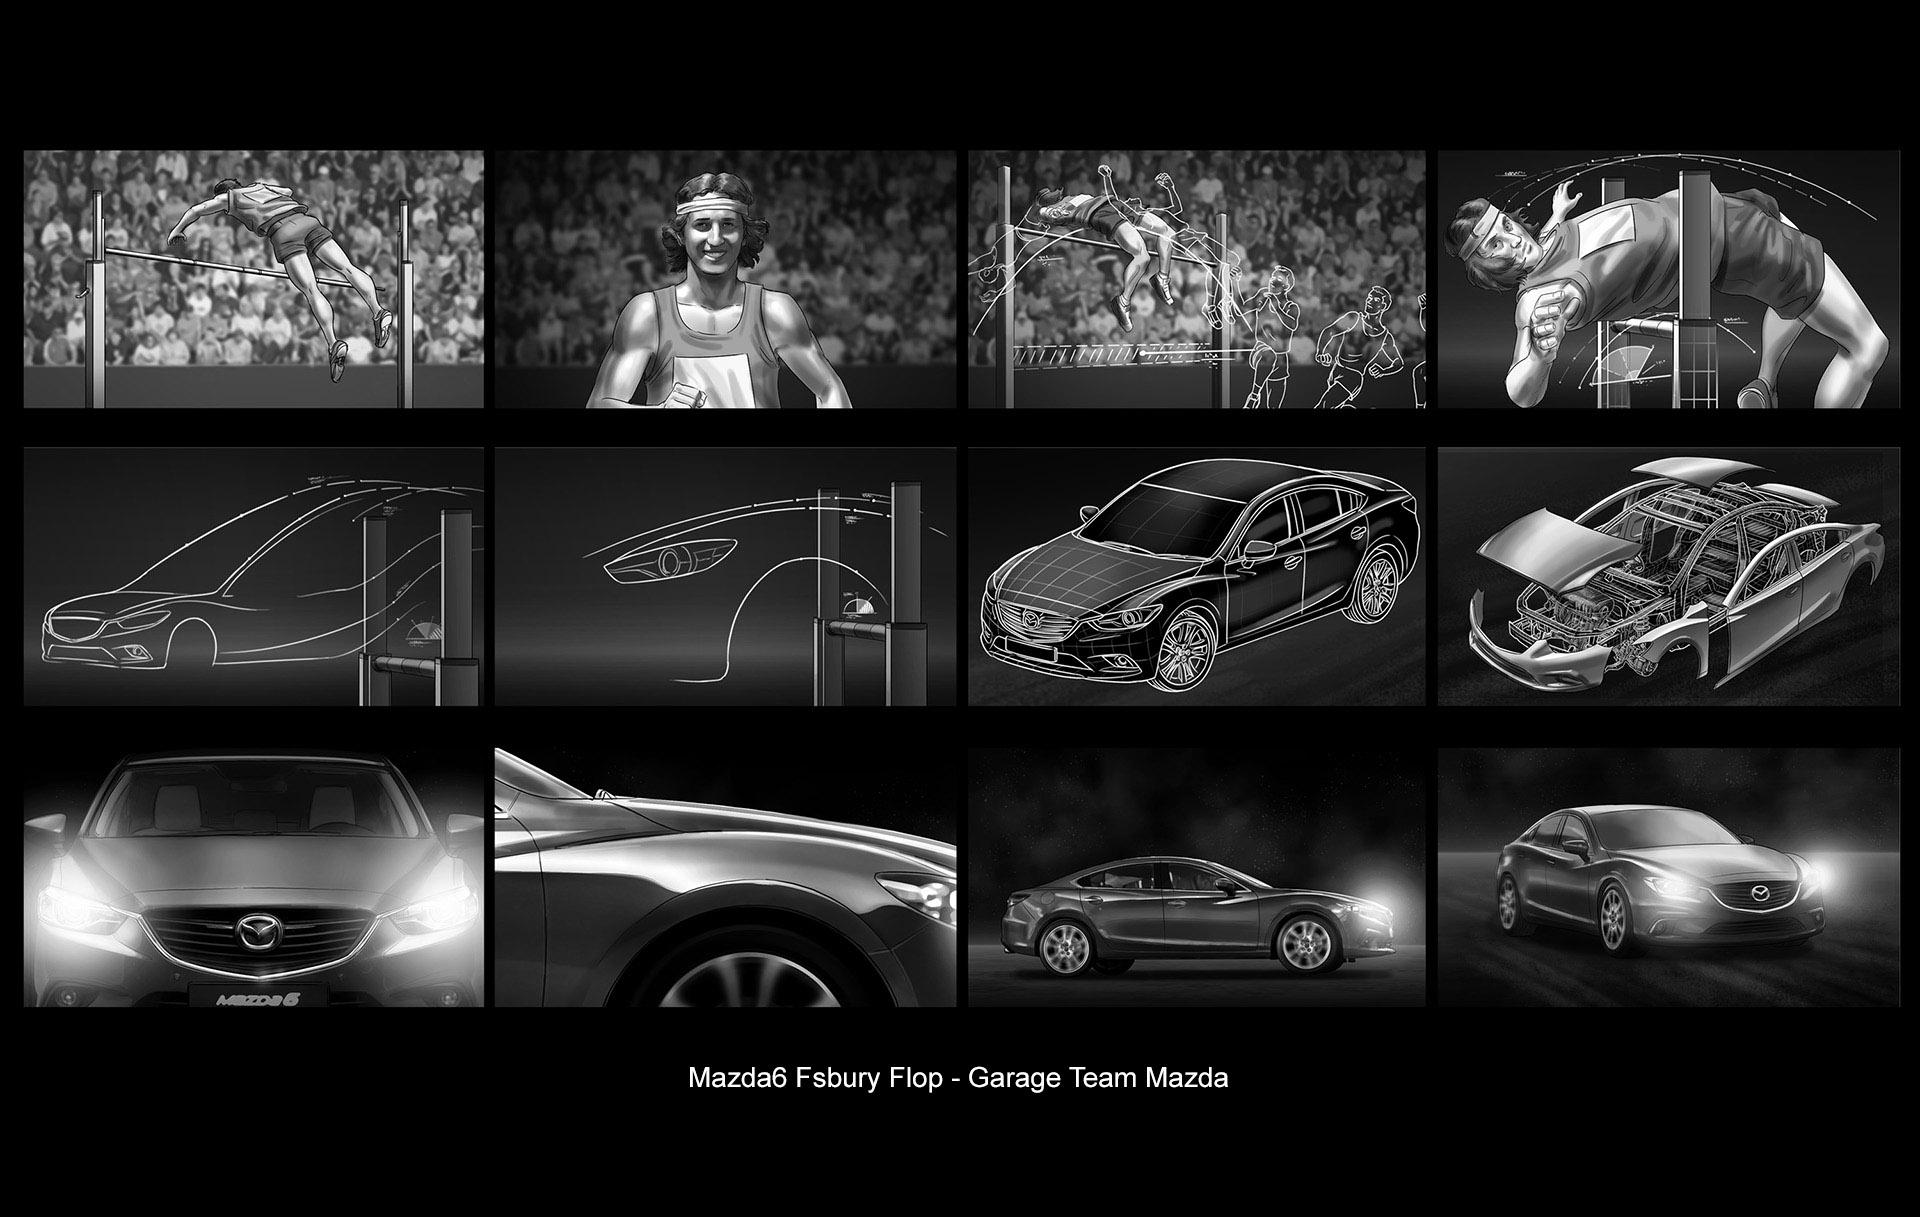 Mazda - Fosbury.jpg